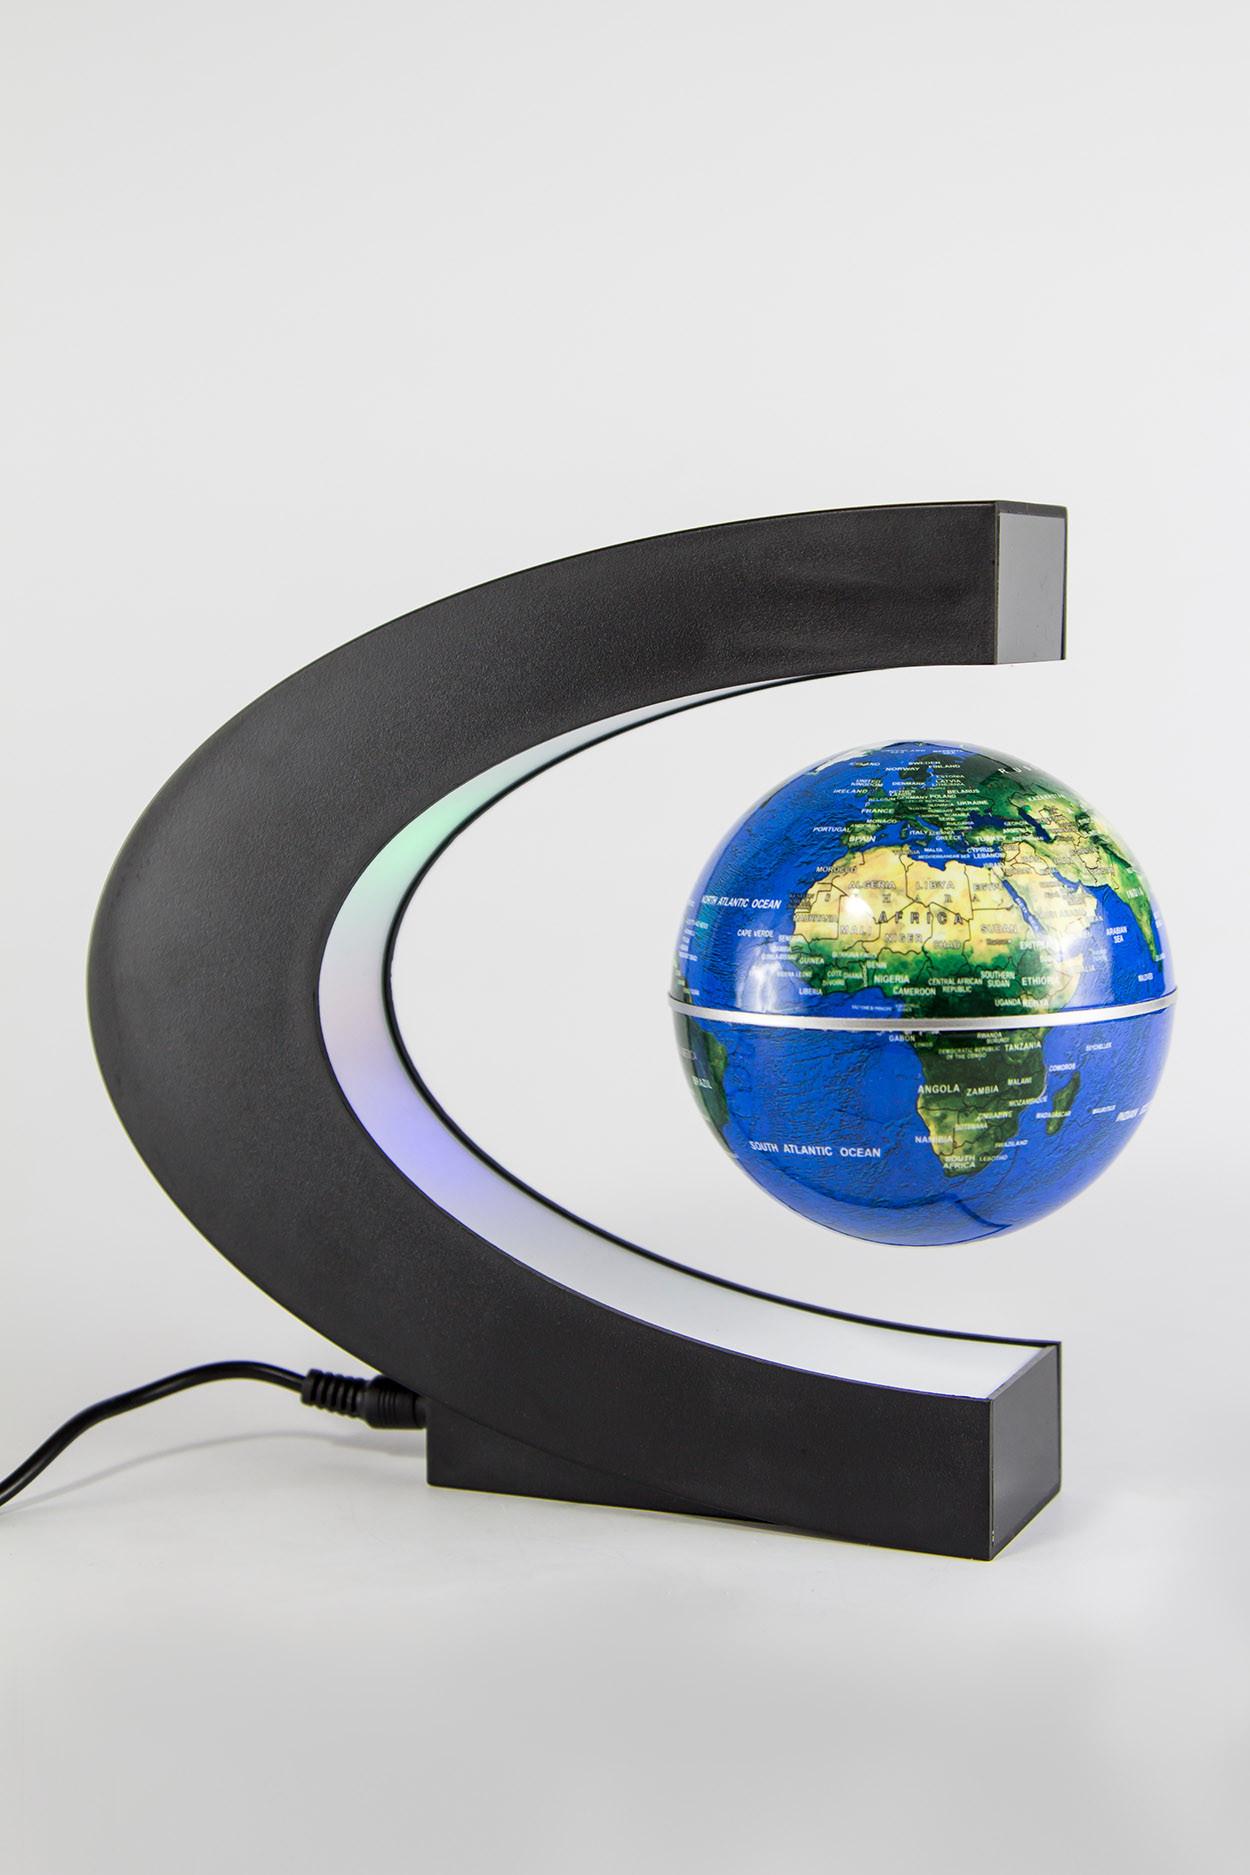 Уцененный товар! Летающий глобус с RGB-подсветкой (синий) (D - 9см)